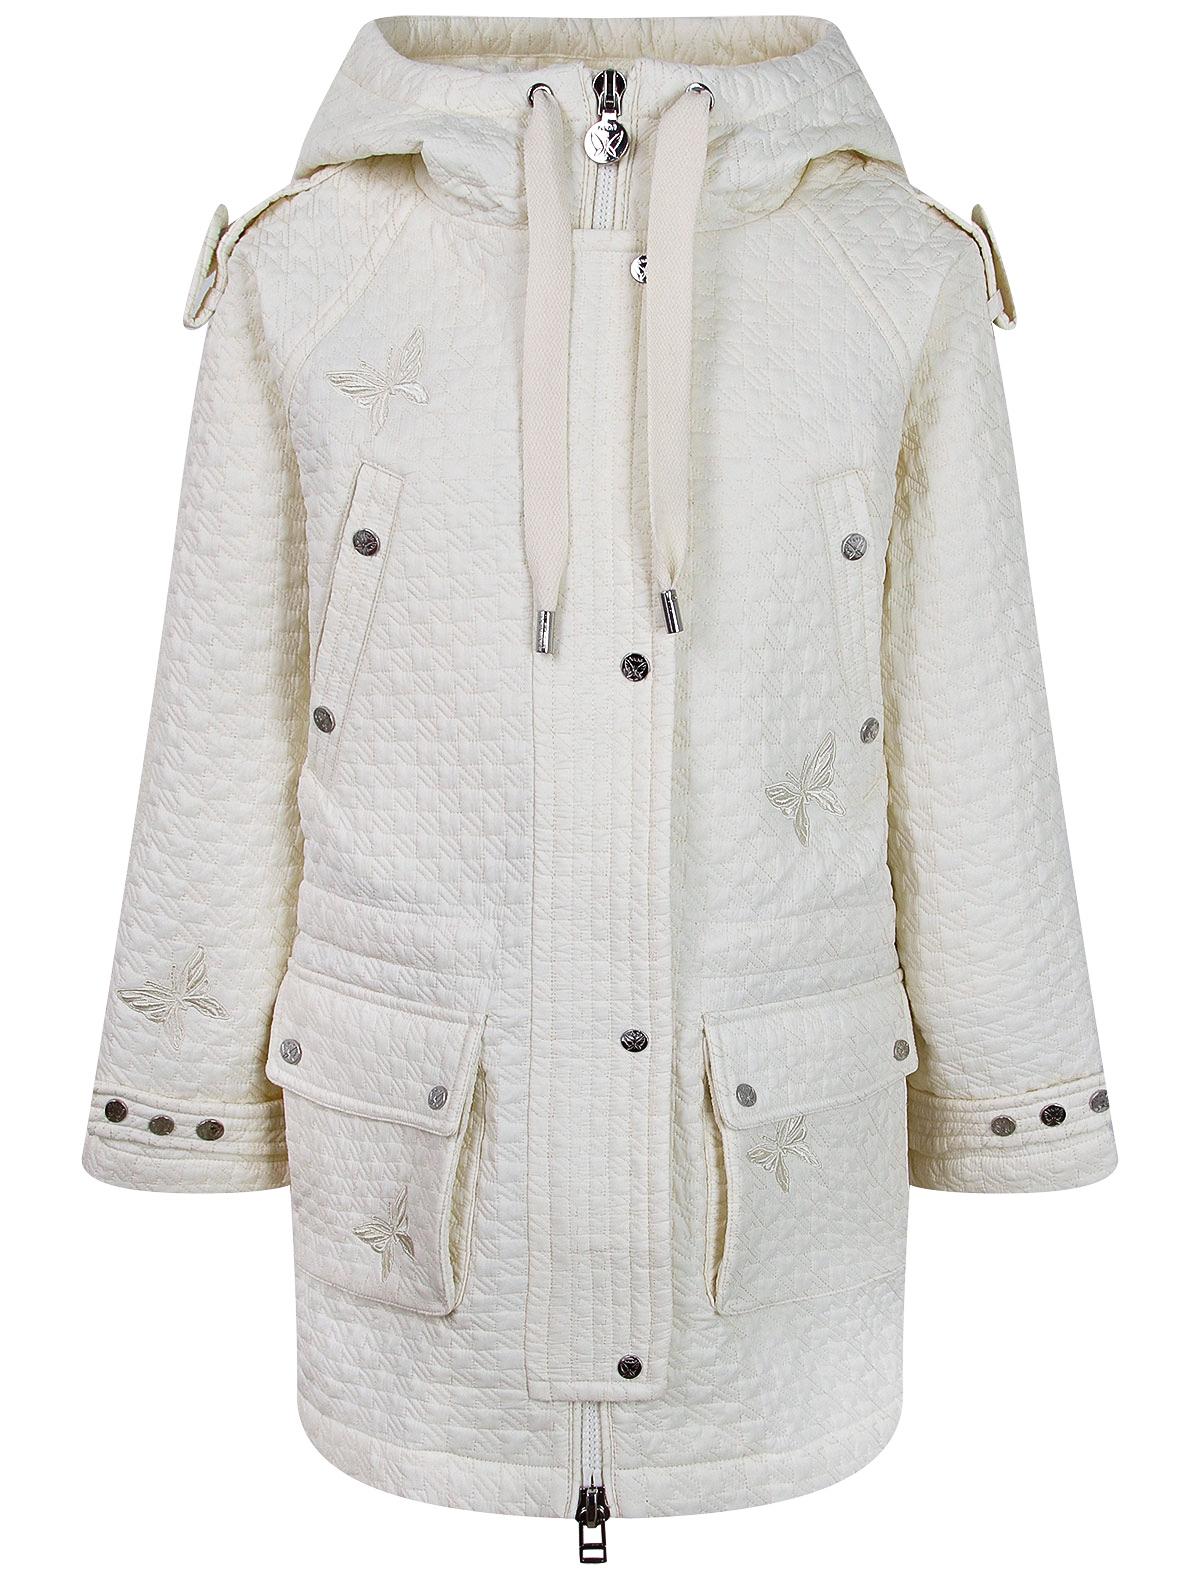 Купить 2264687, Куртка NAUMI, разноцветный, Женский, 1074509870616